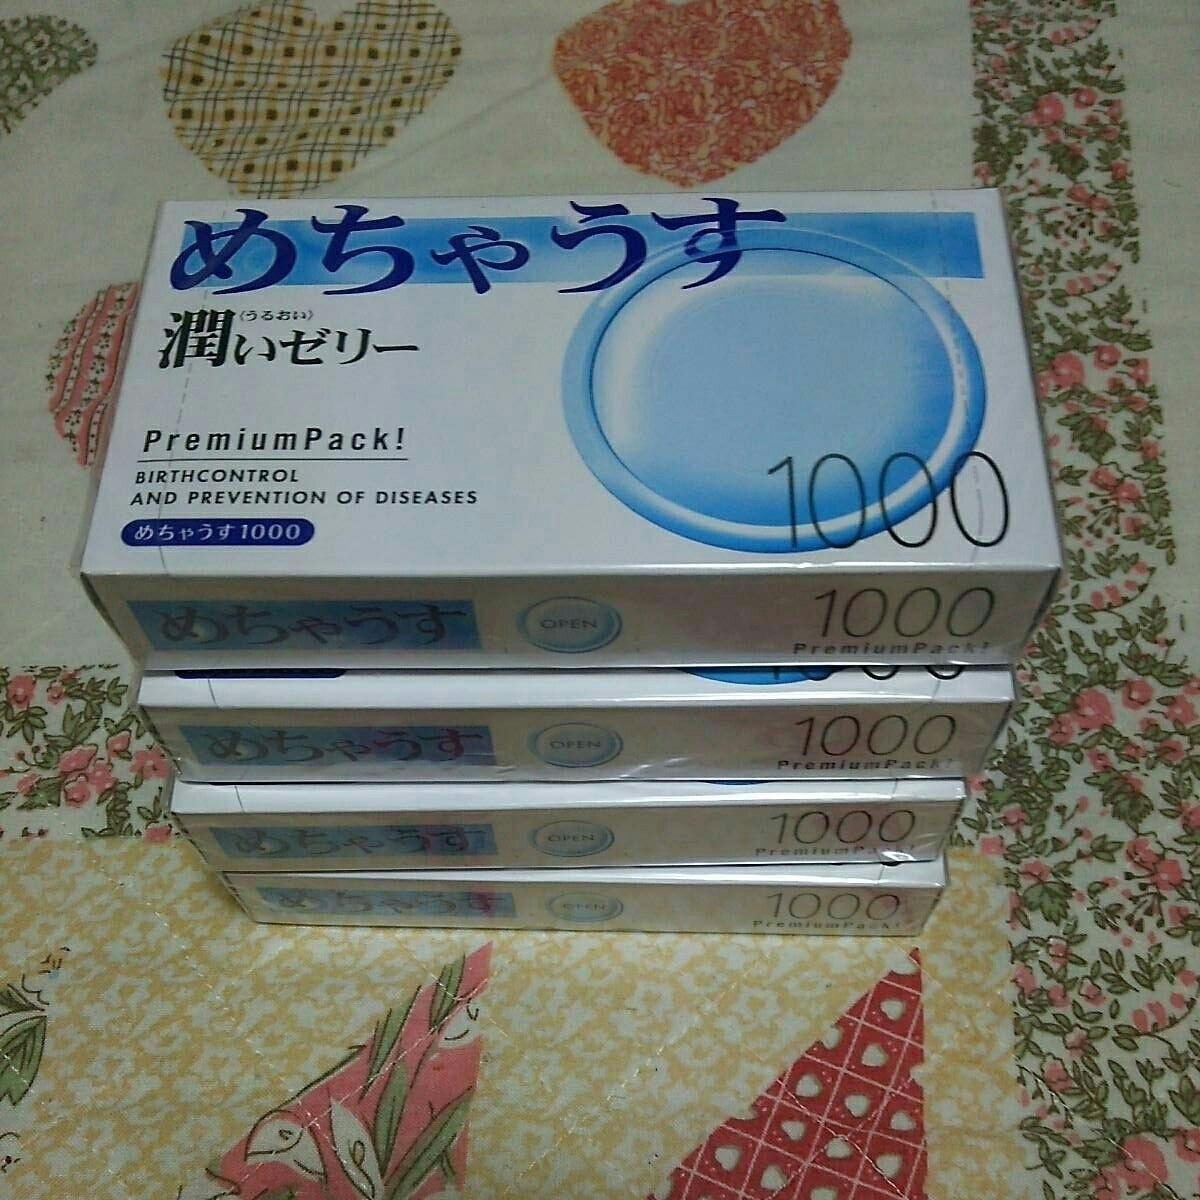 コンドーム めちゃうす 1000 4箱(48個) 送料無料